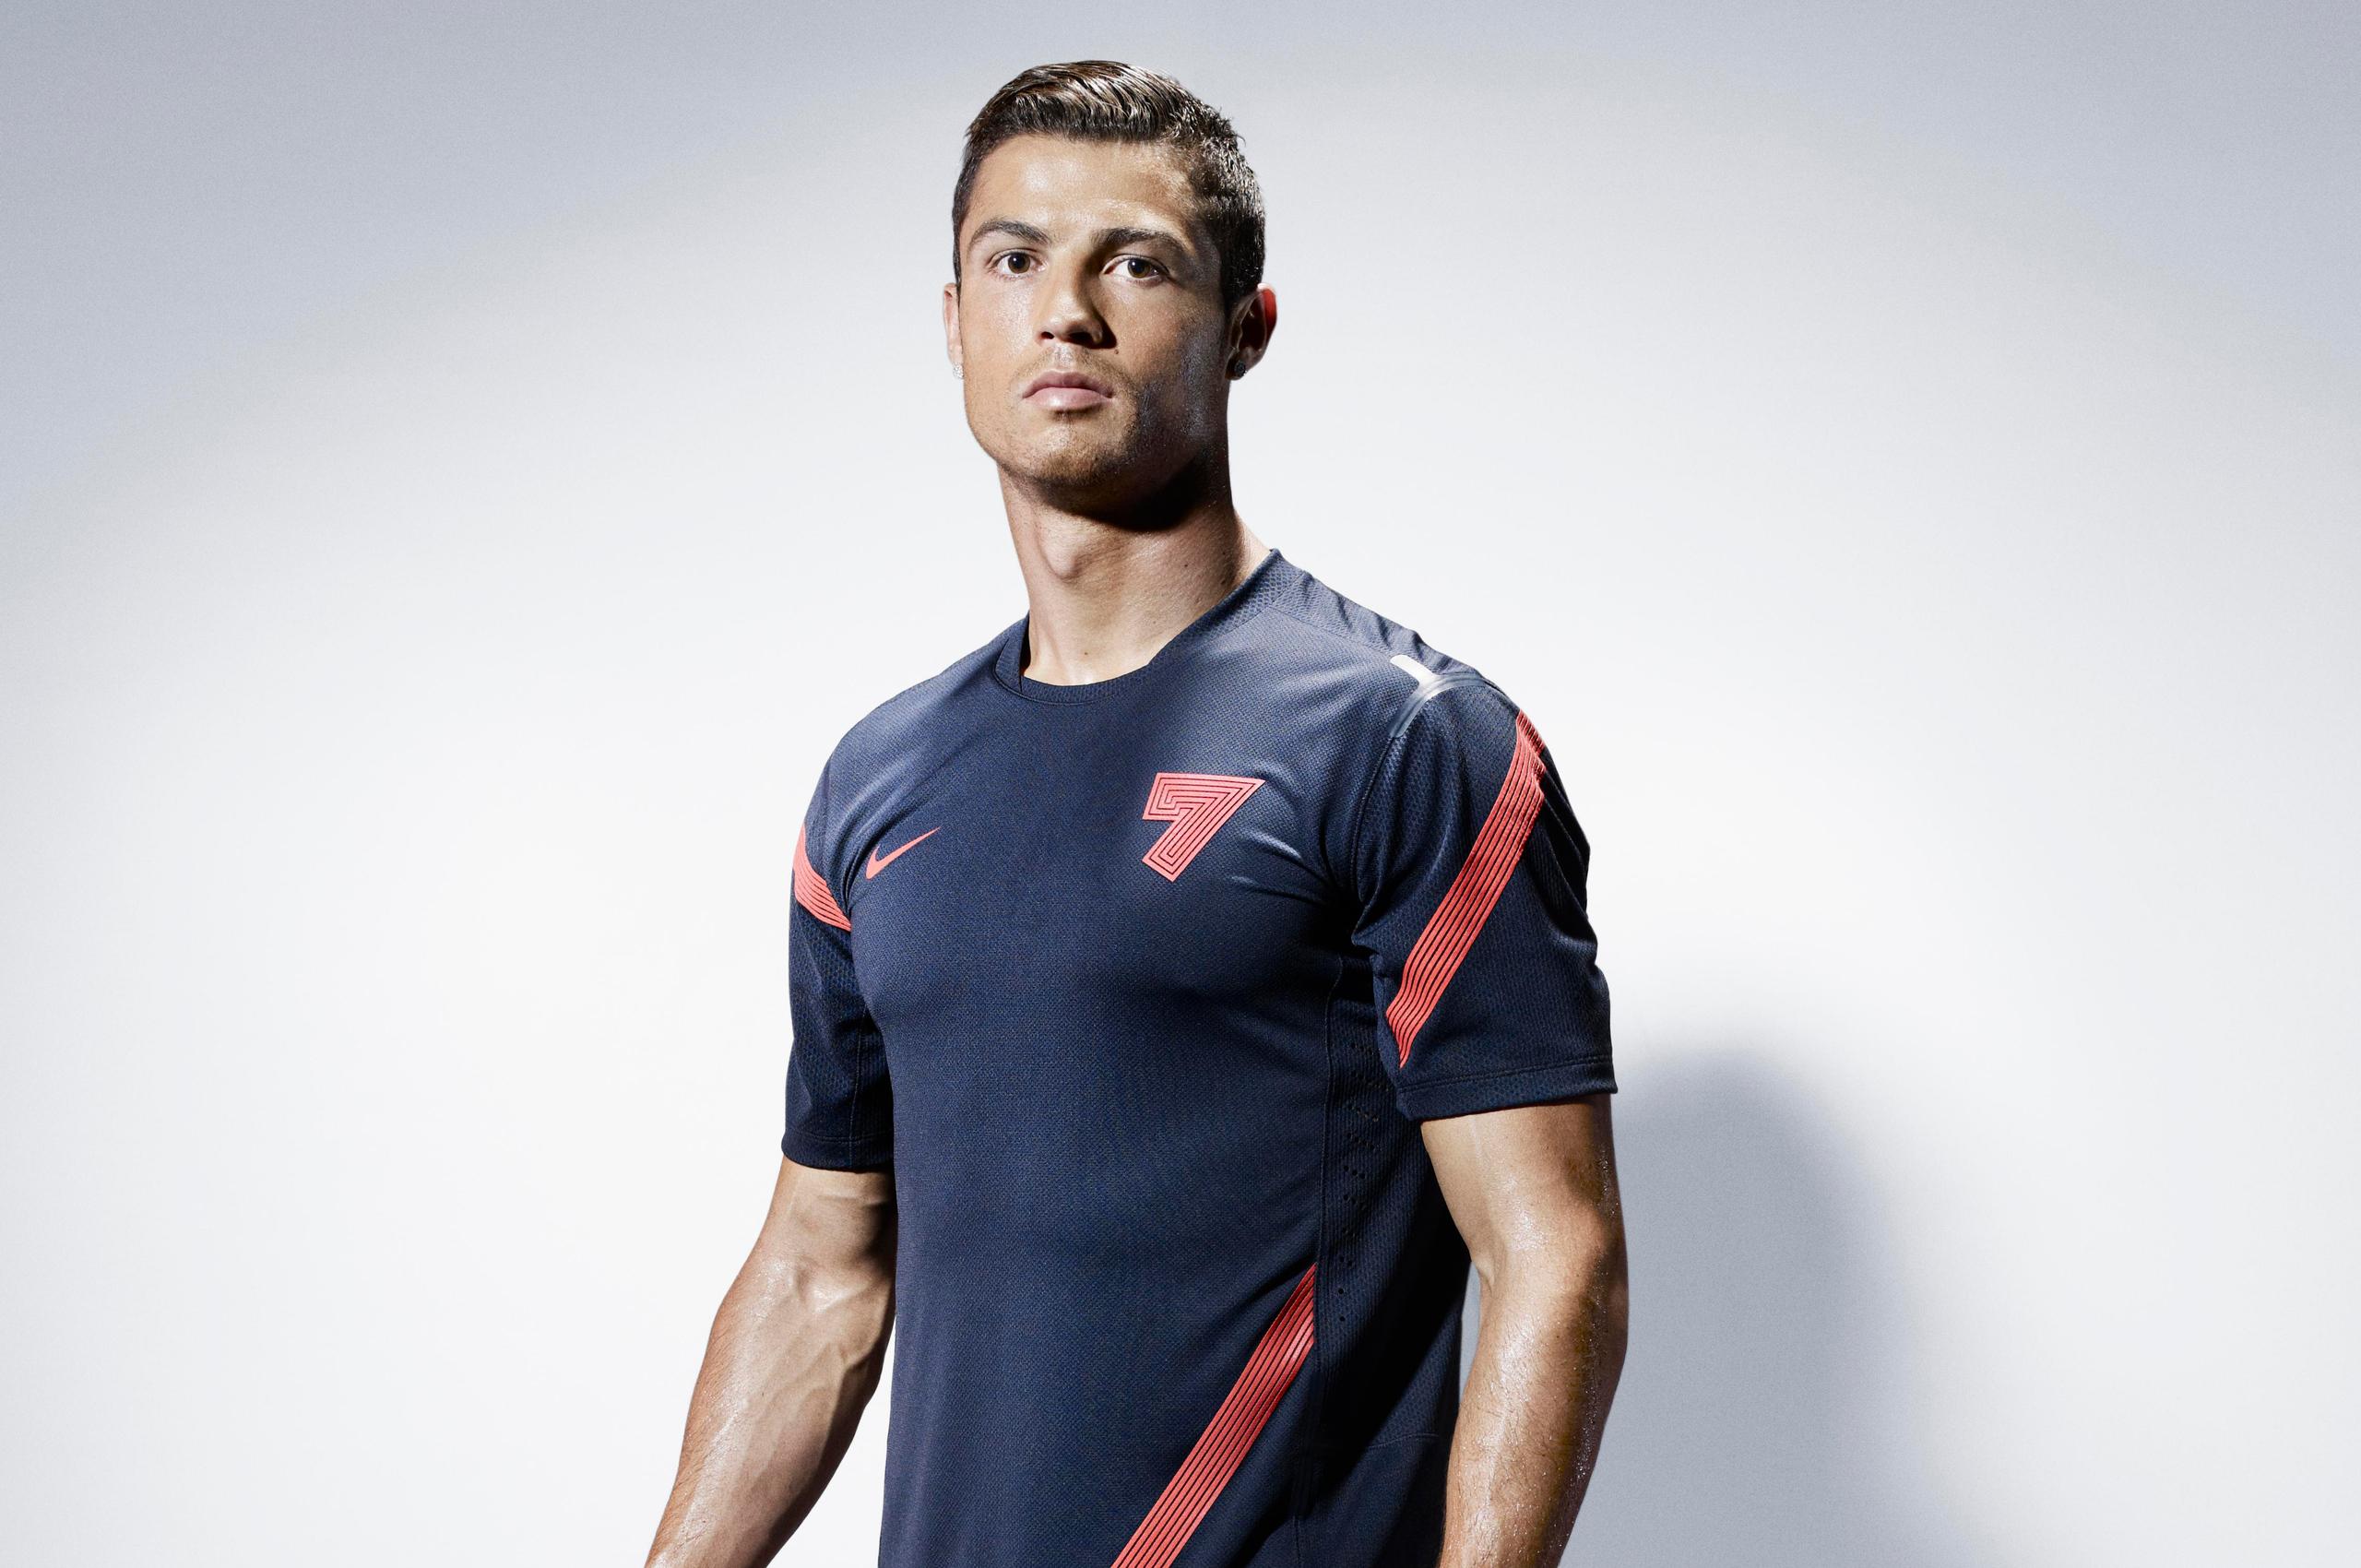 nike 5k shirt